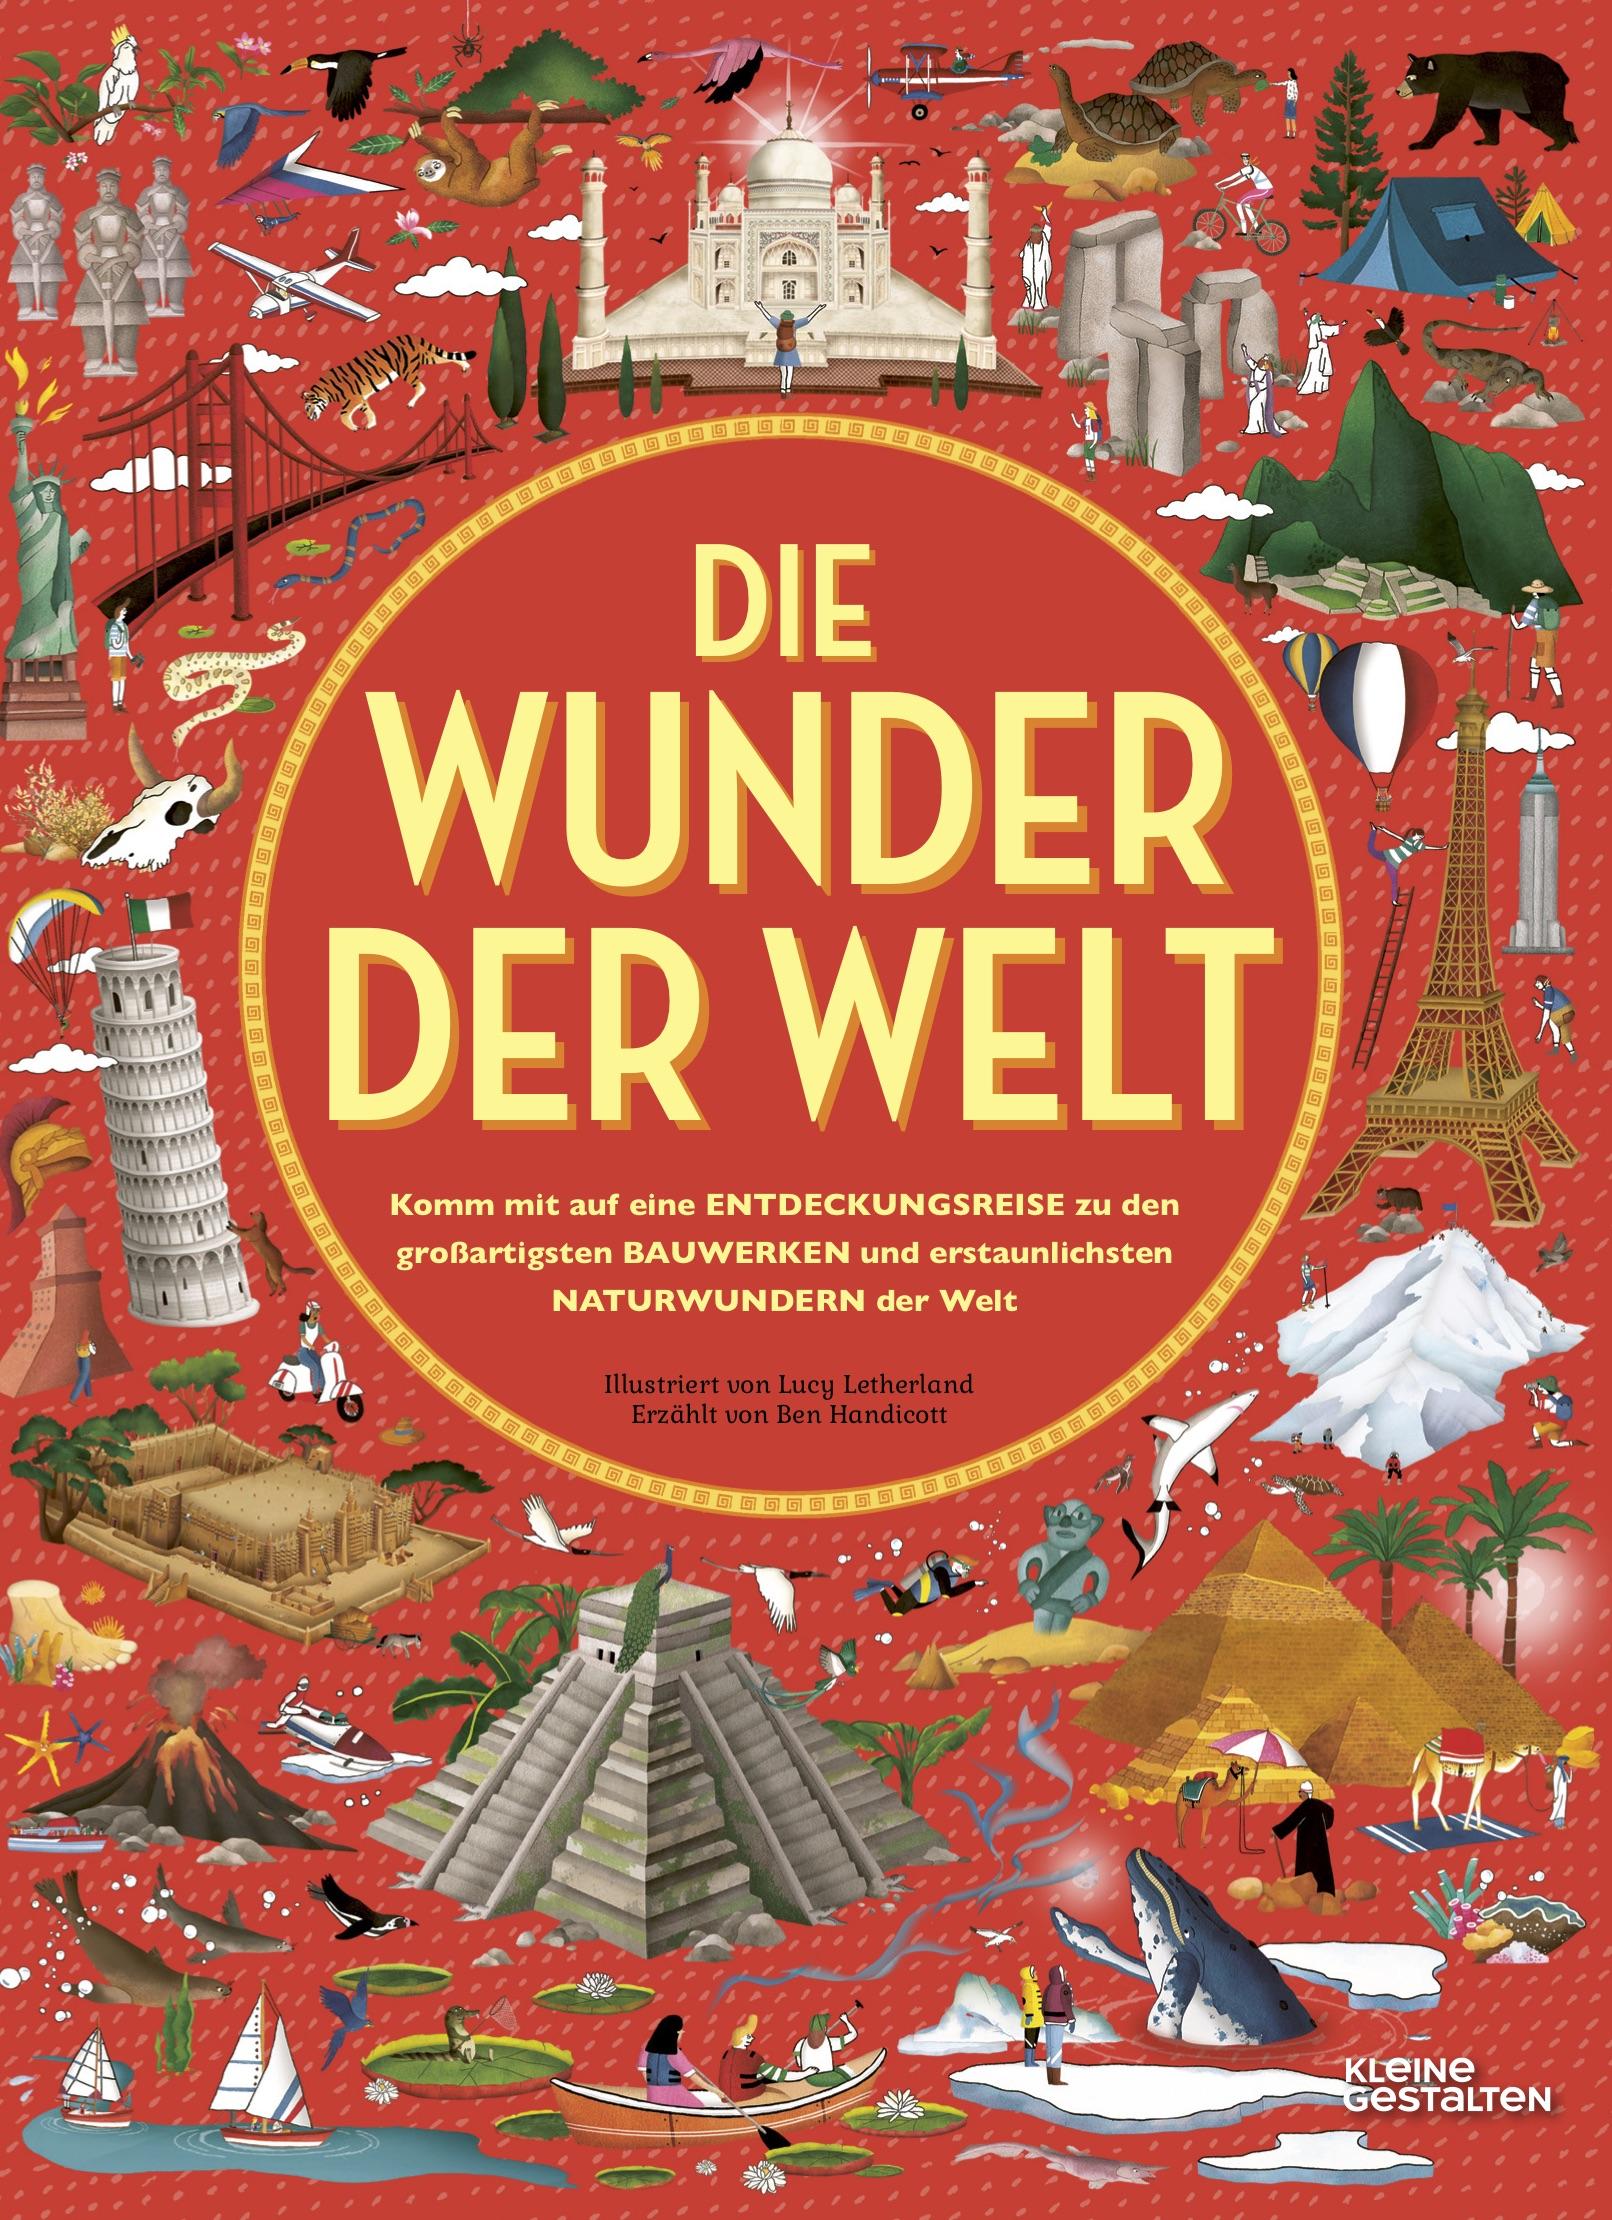 DieWunderderWelt_LucyLetherland_Cover_KleineGestalten.jpg